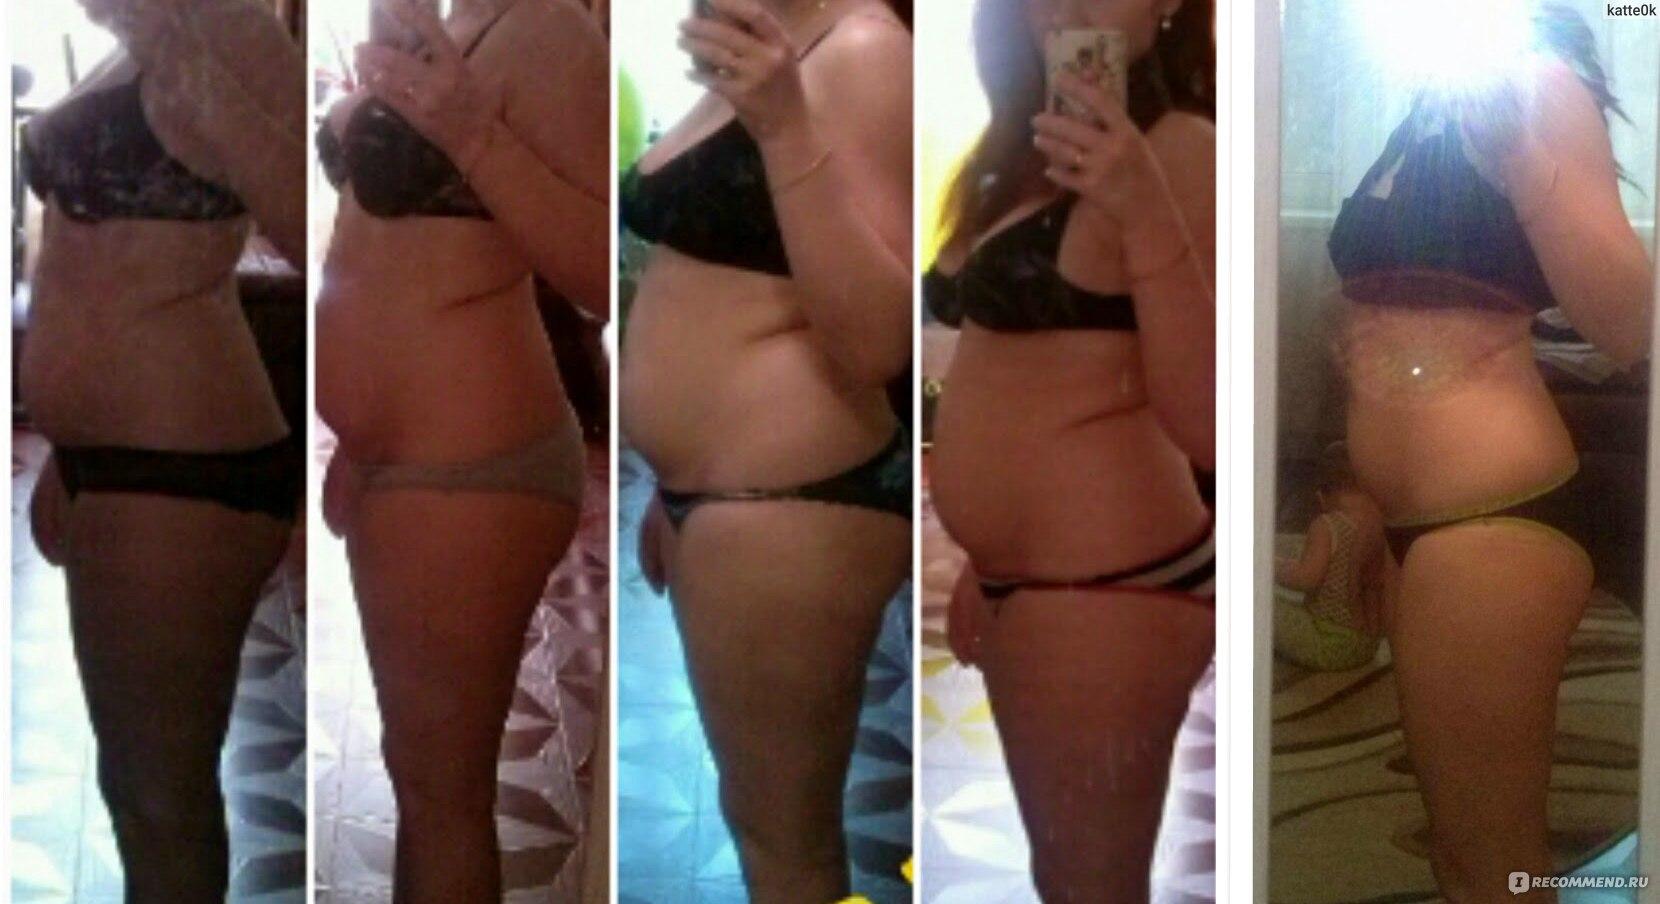 Истории похудения людей - реальные, с фото до и после: минус 60, 20 кг за месяц и другие